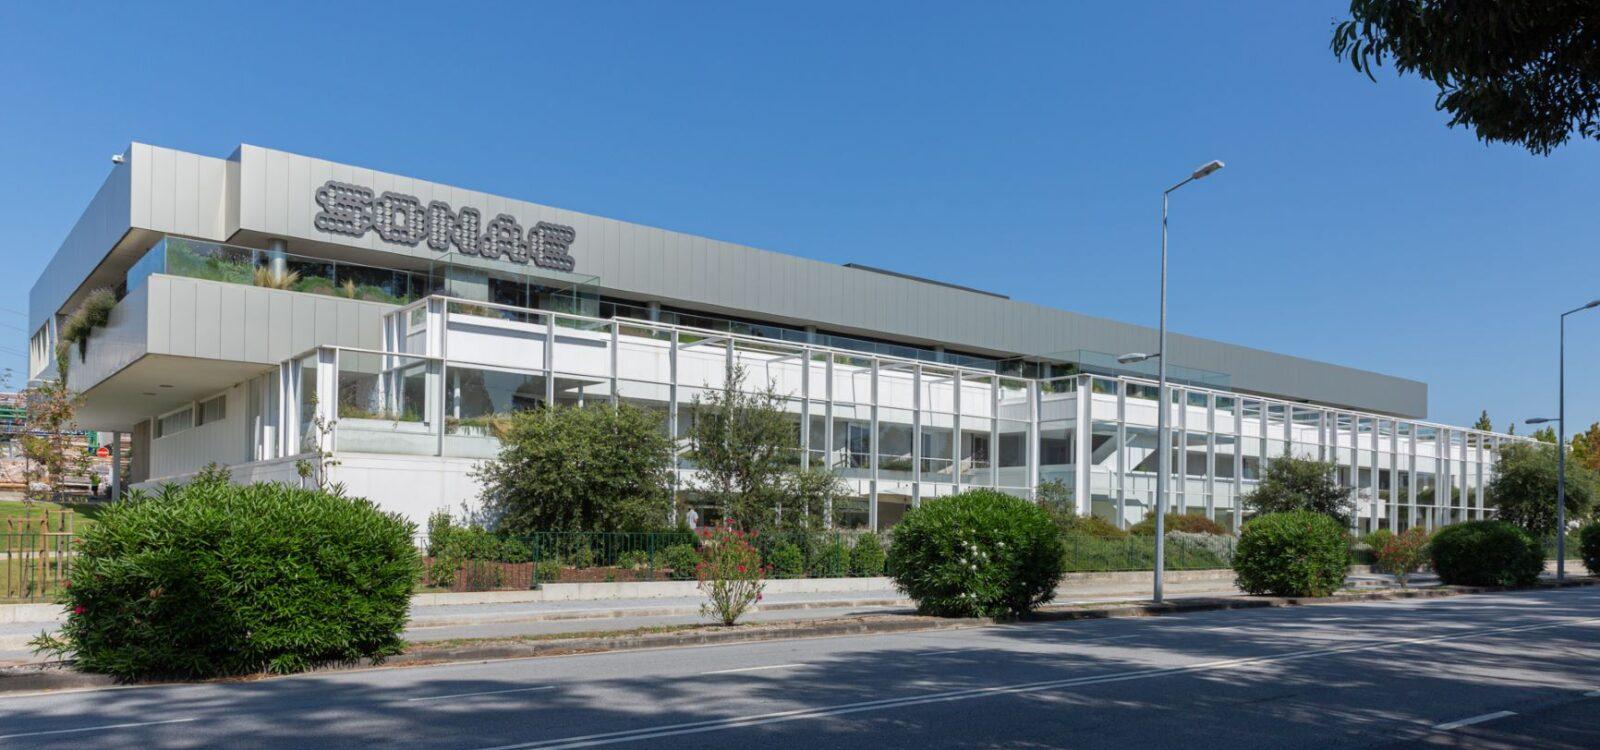 Sonae atinge vendas recorde de 6,8 mil milhões de euros